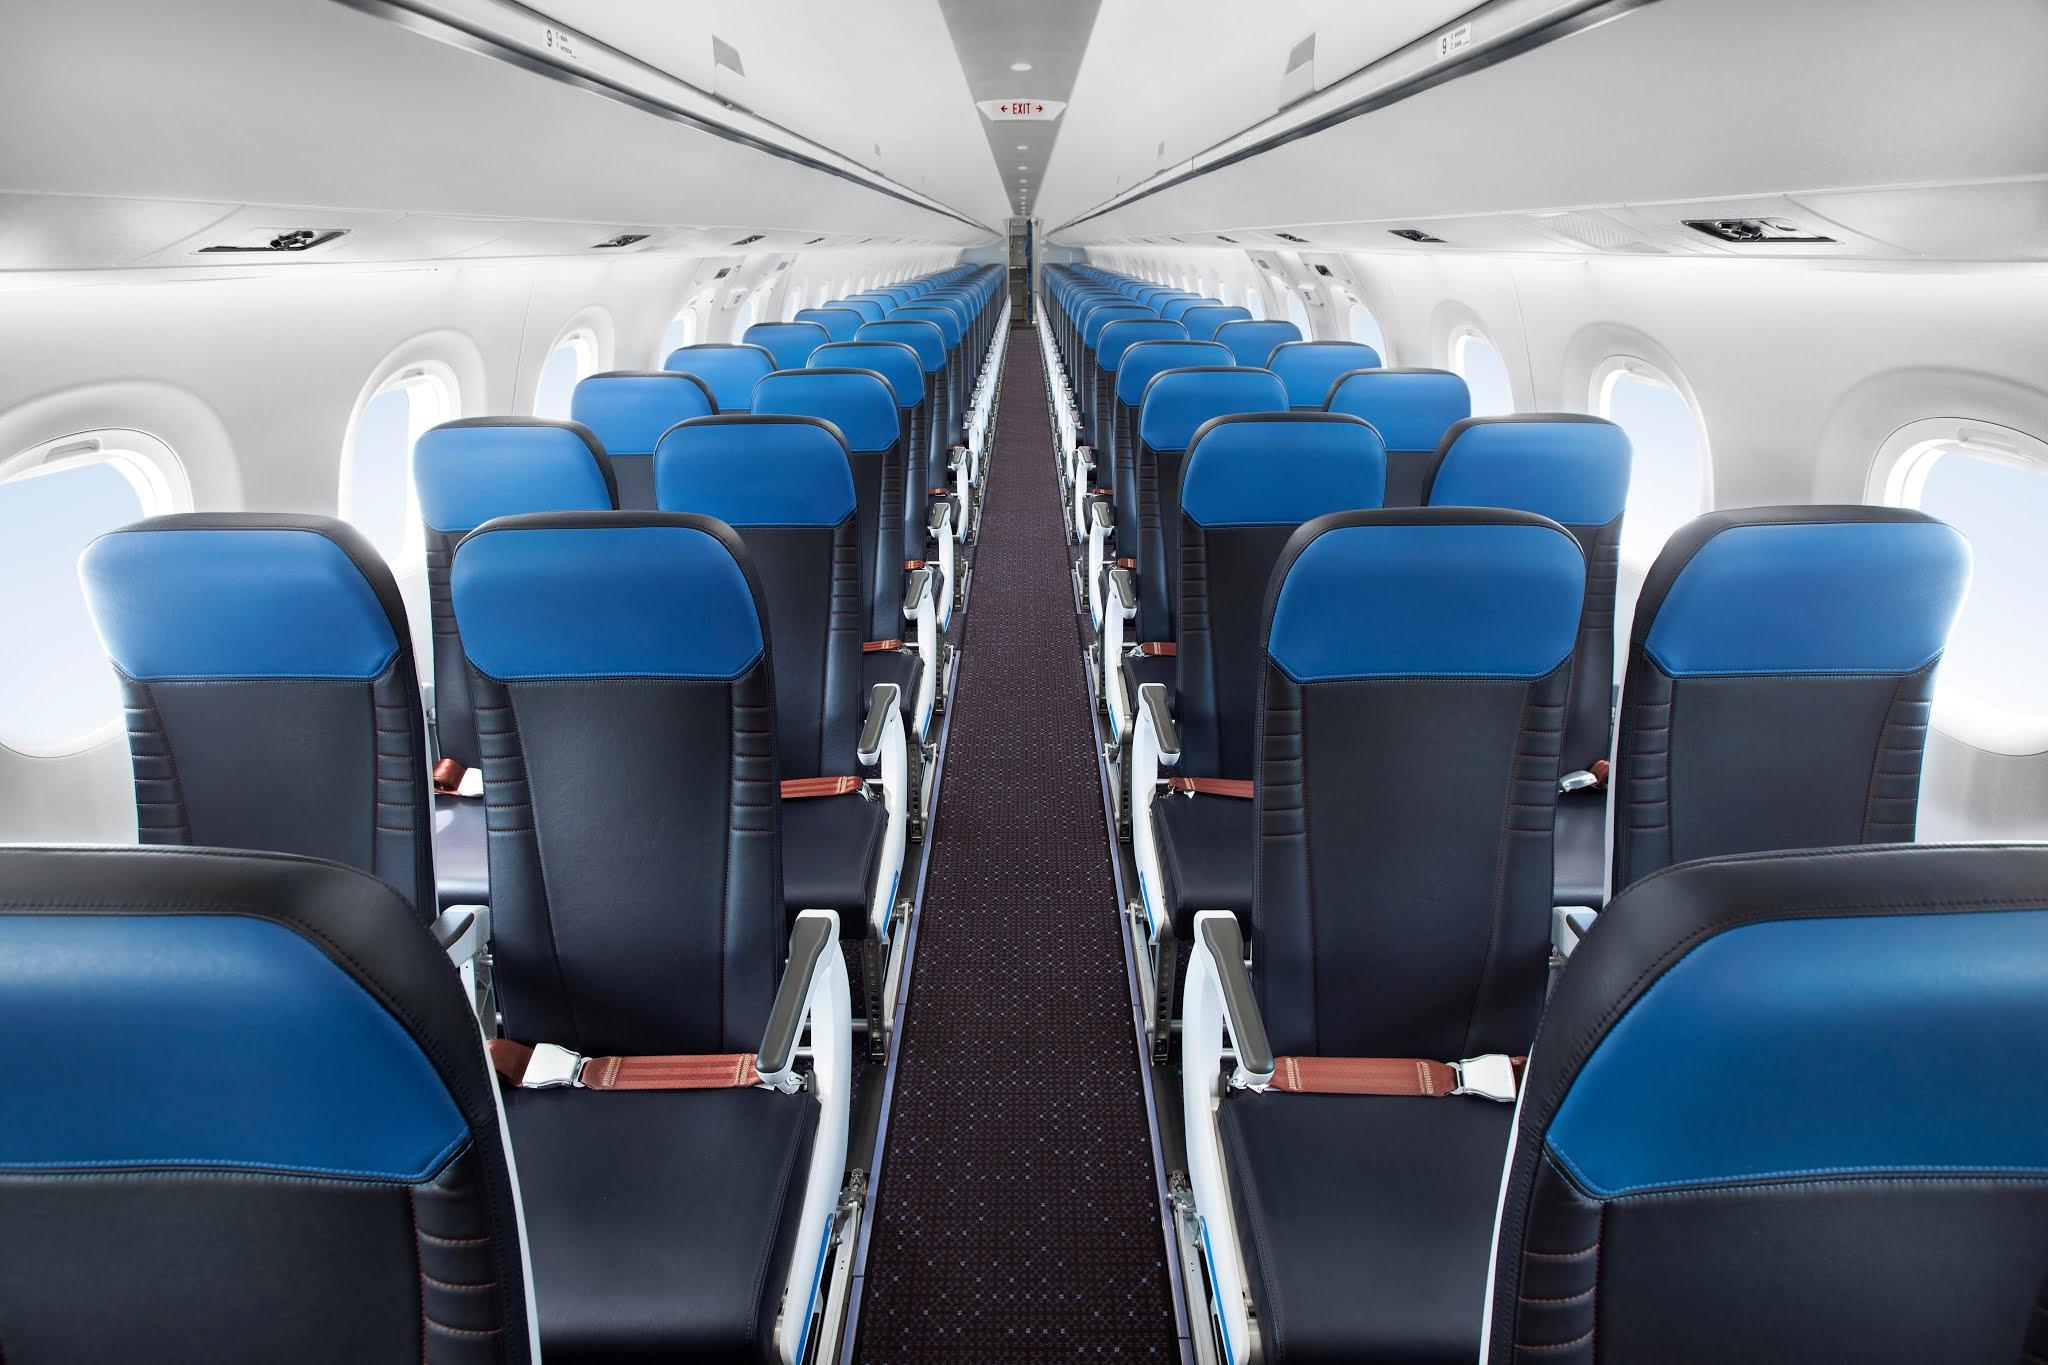 Embraer (EMBR3) entrega o primeiro E2 da frota KLM. Veja fotos aqui |  É MAIS QUE VOAR